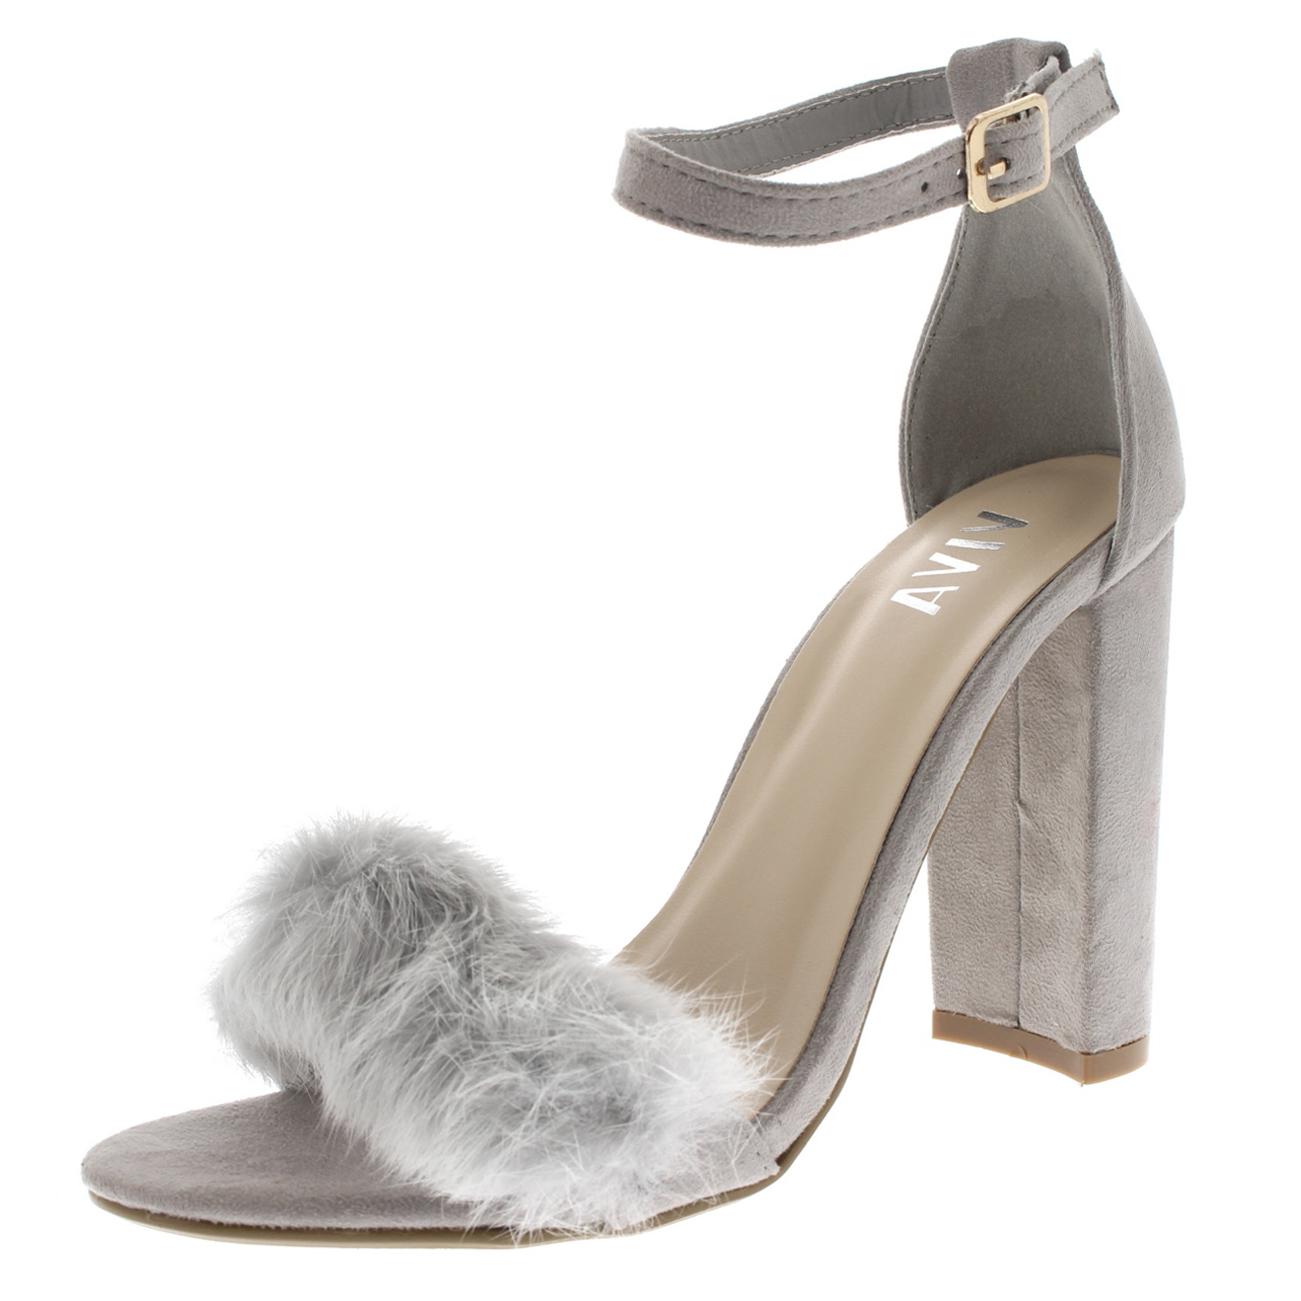 e8e1d94545a Womens Evening Block Heel Fashion Cut Out Party High Heels Fluffy ...